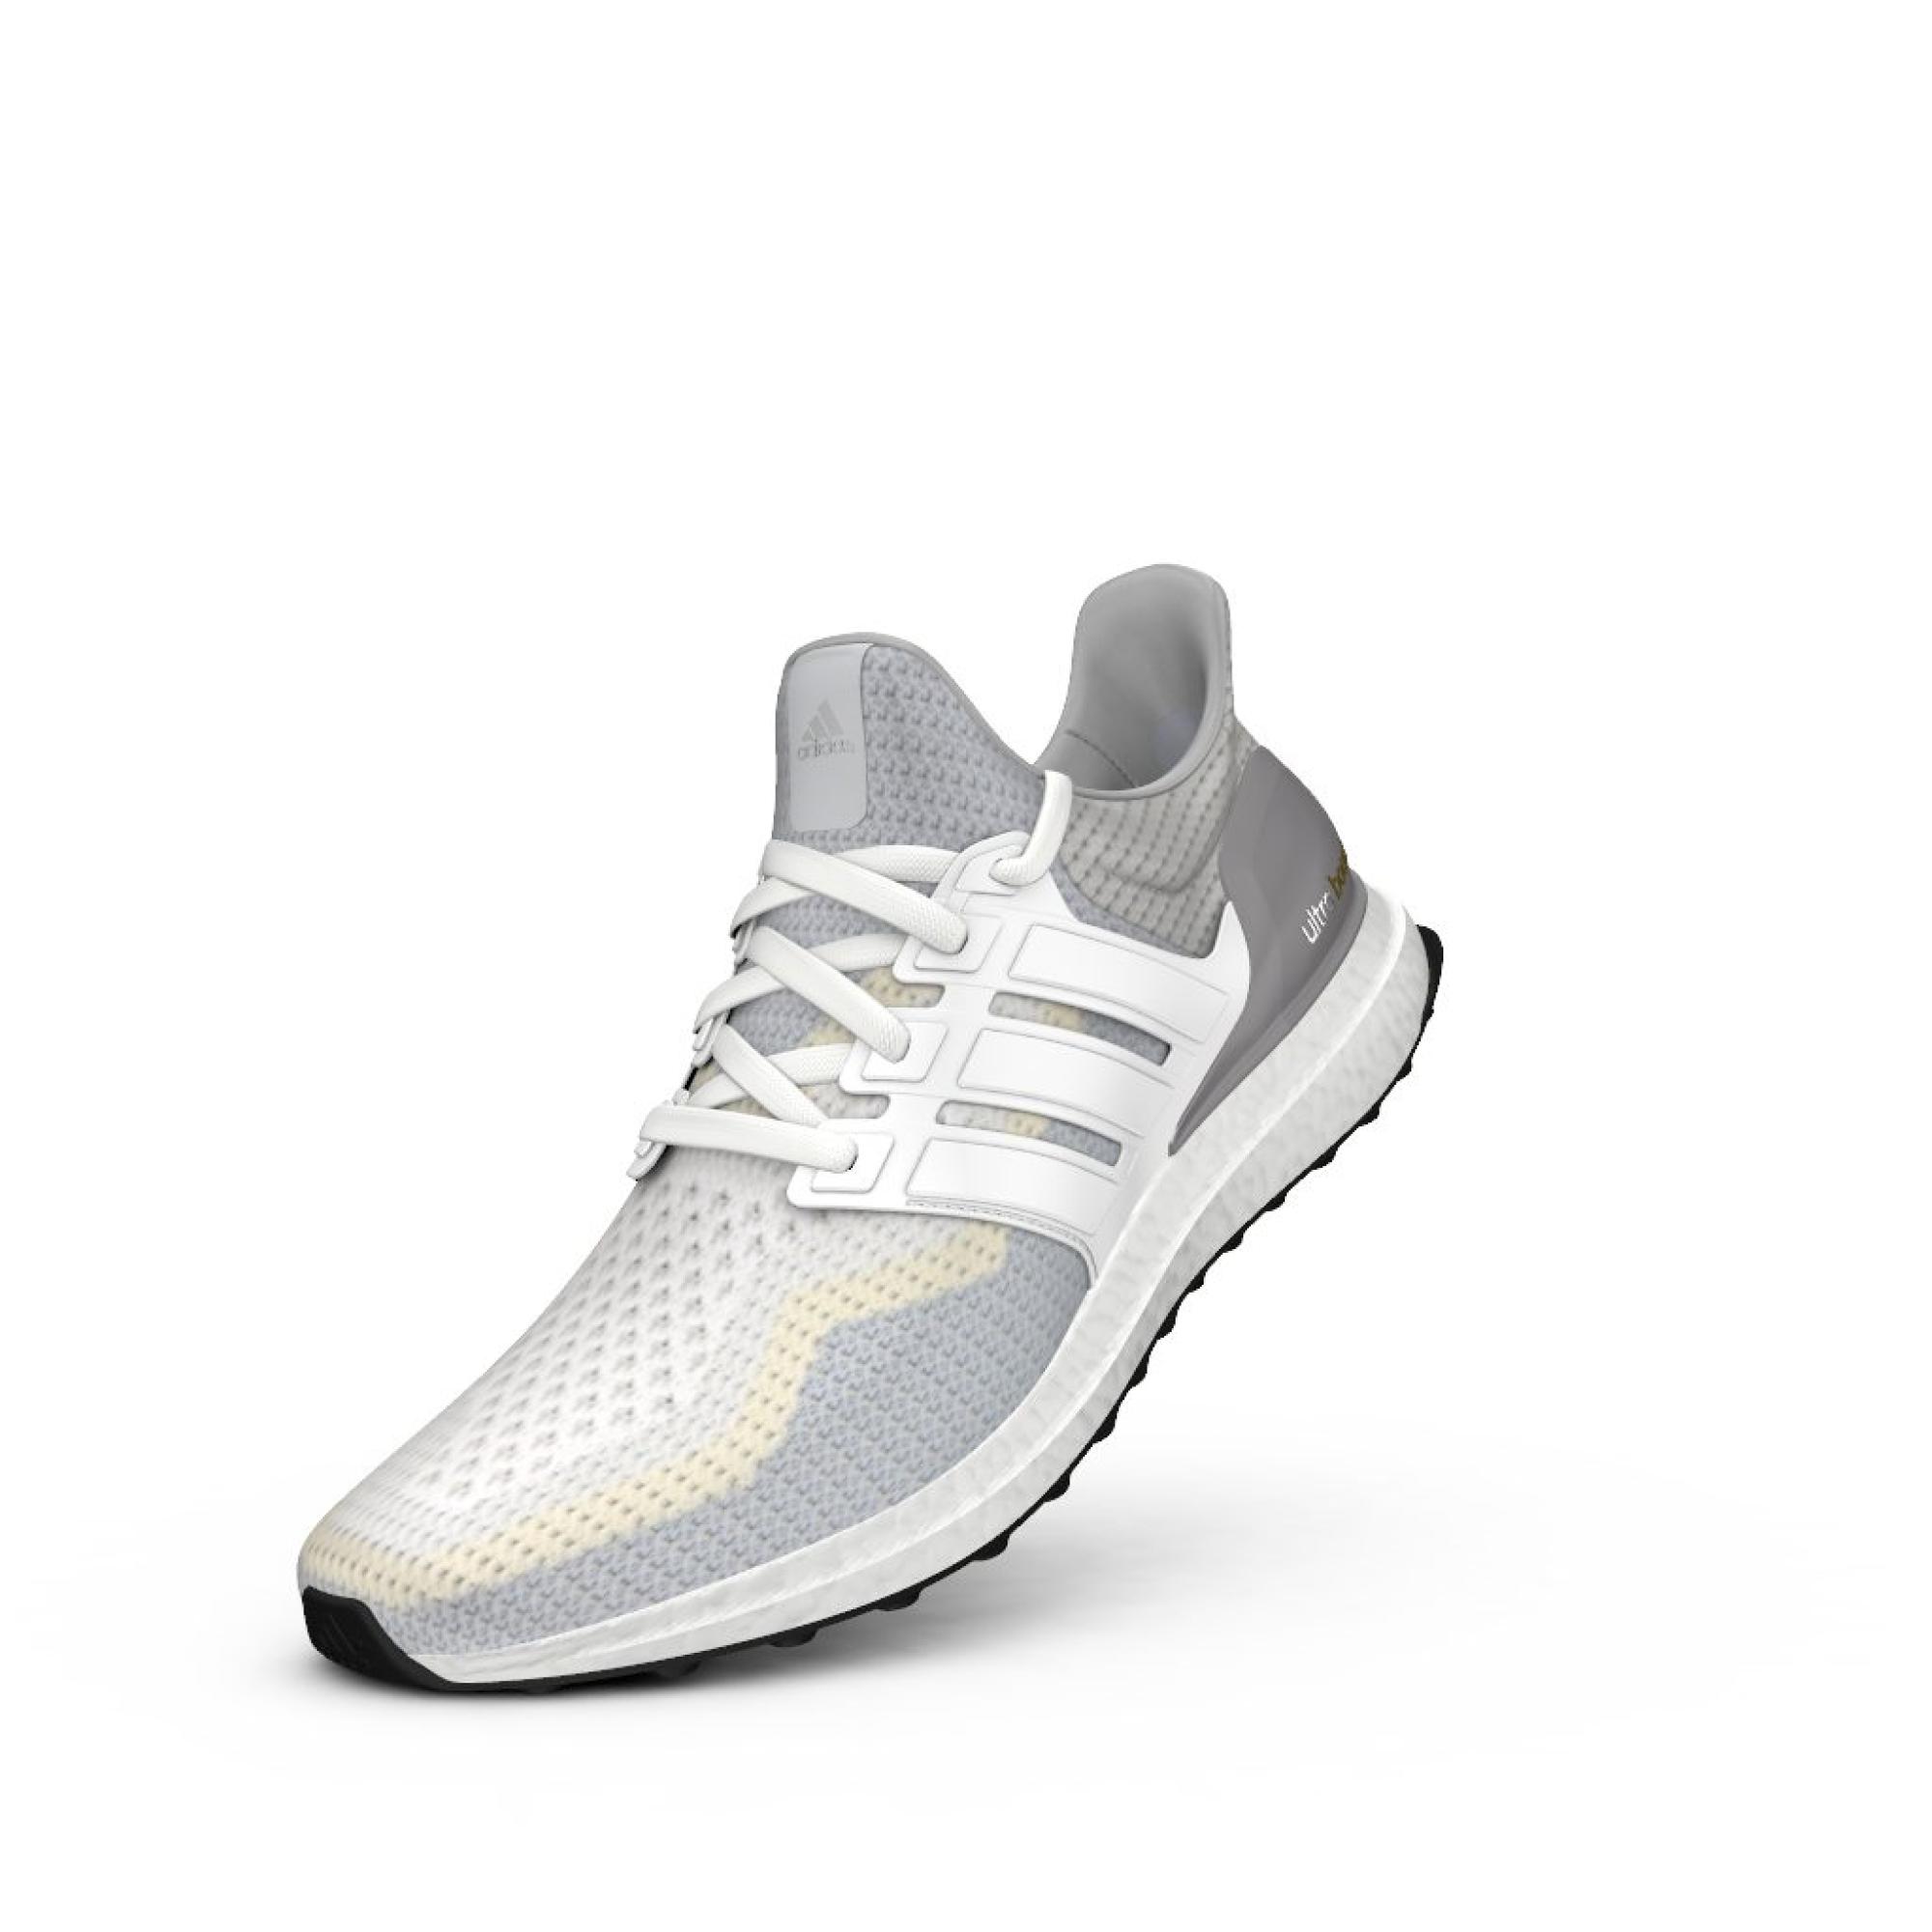 Adidas Ultra Boost in Weiß